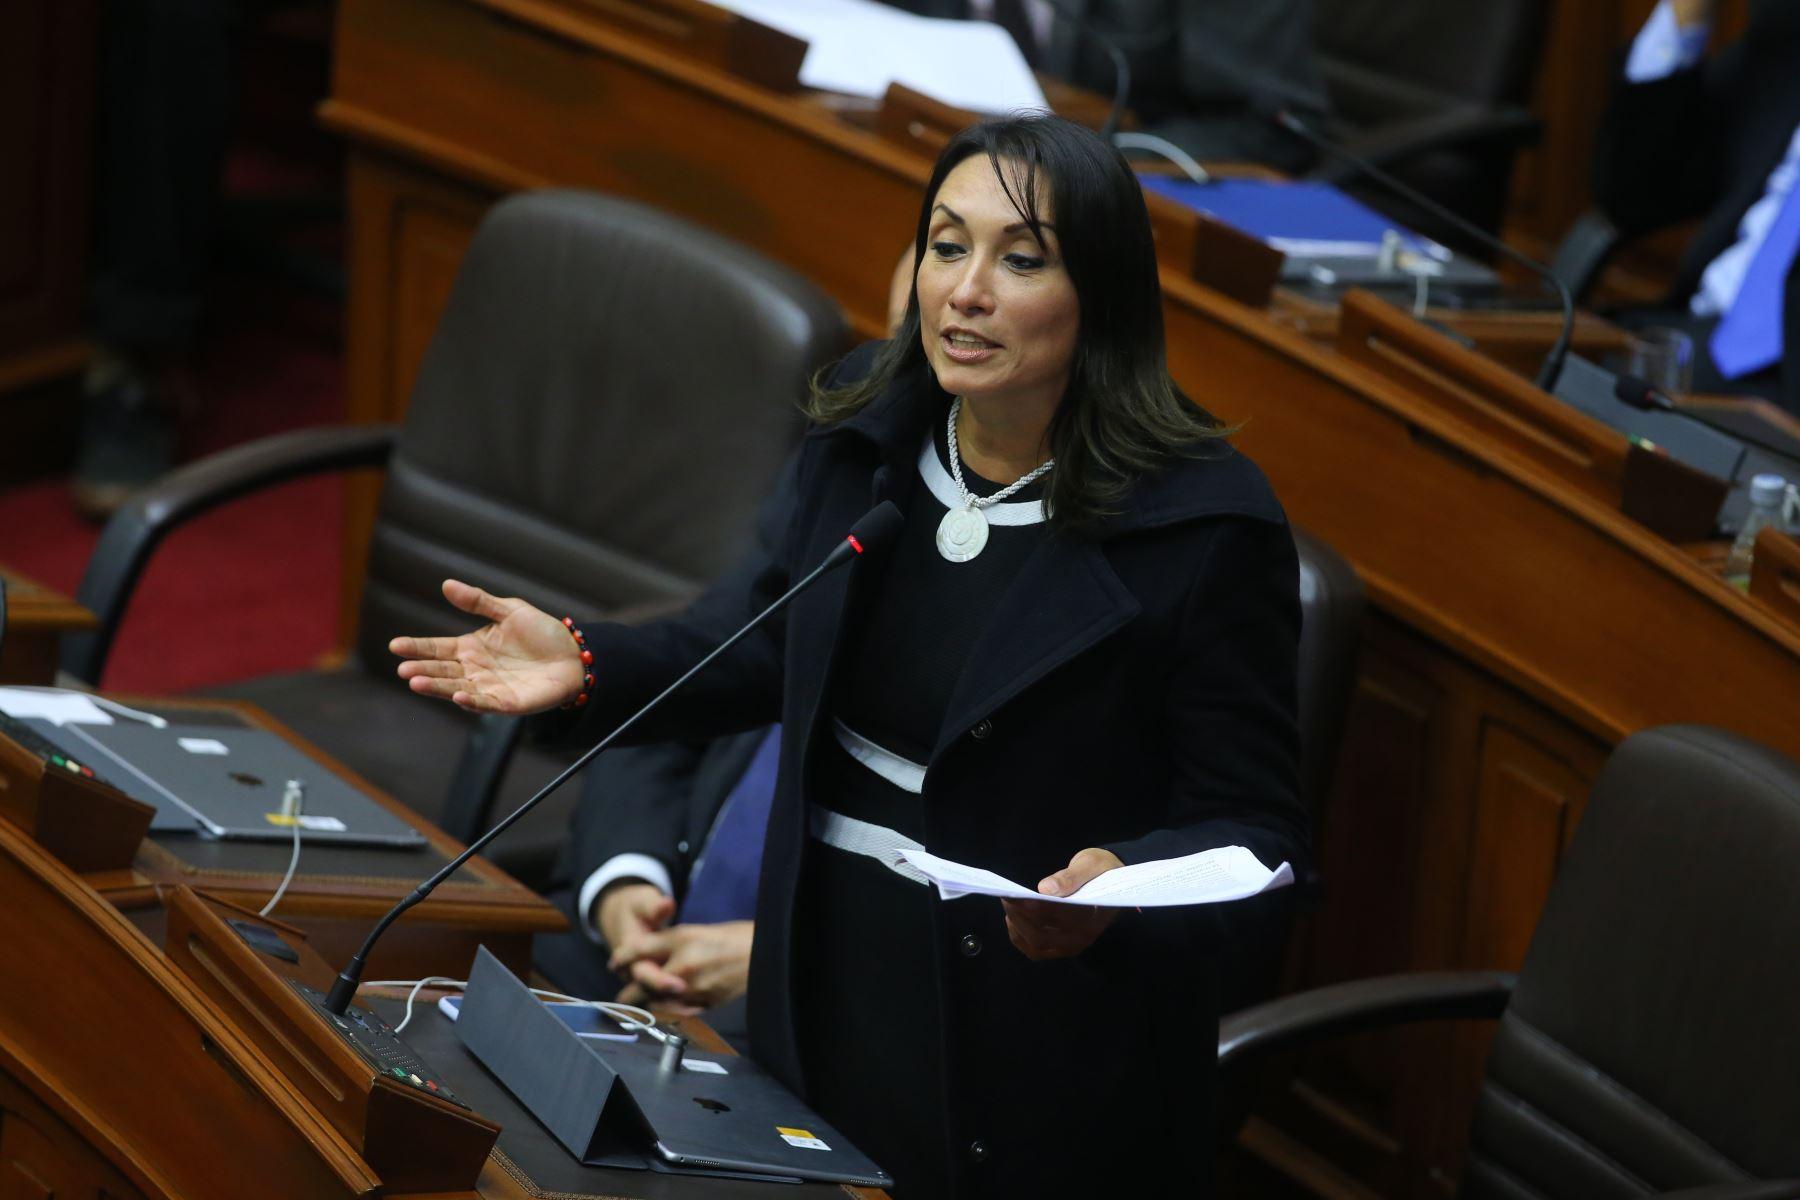 Congresista Patricia Donayre interviene en el debate sobre la cuestión de confianza en el Congreso de la República. Foto: ANDINA/Vidal Tarqui